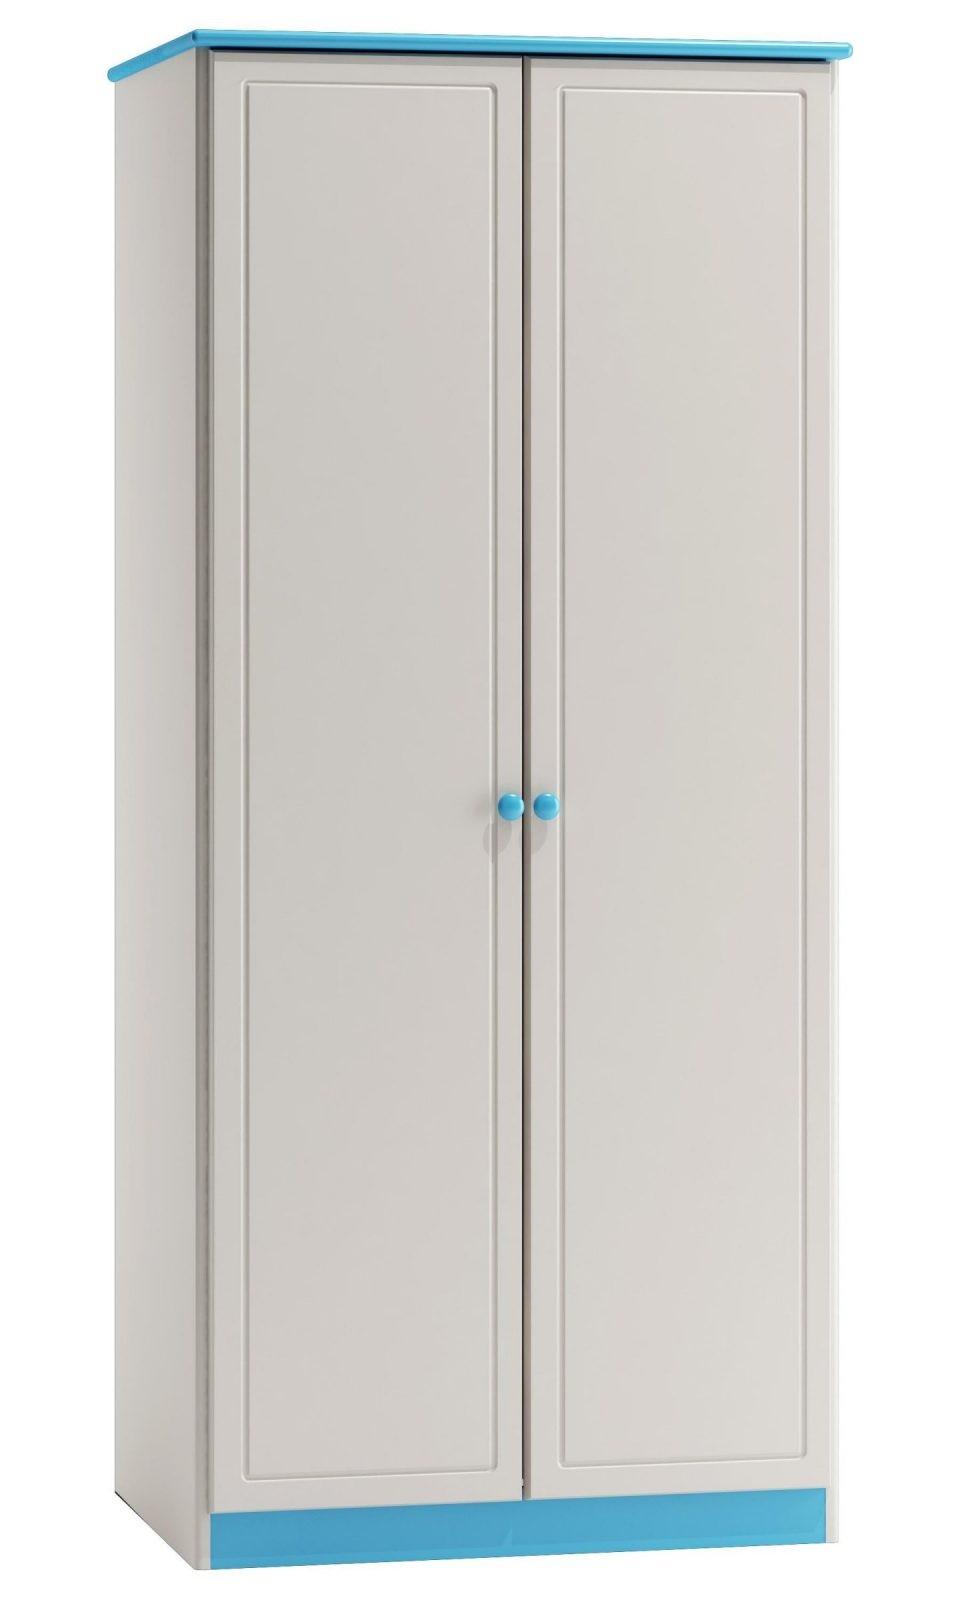 Kleiderschrank Breite 80 Cm Farbe Weiß  Blau Türen 2 Höhe (Cm von Kleiderschrank Breite 80 Cm Bild